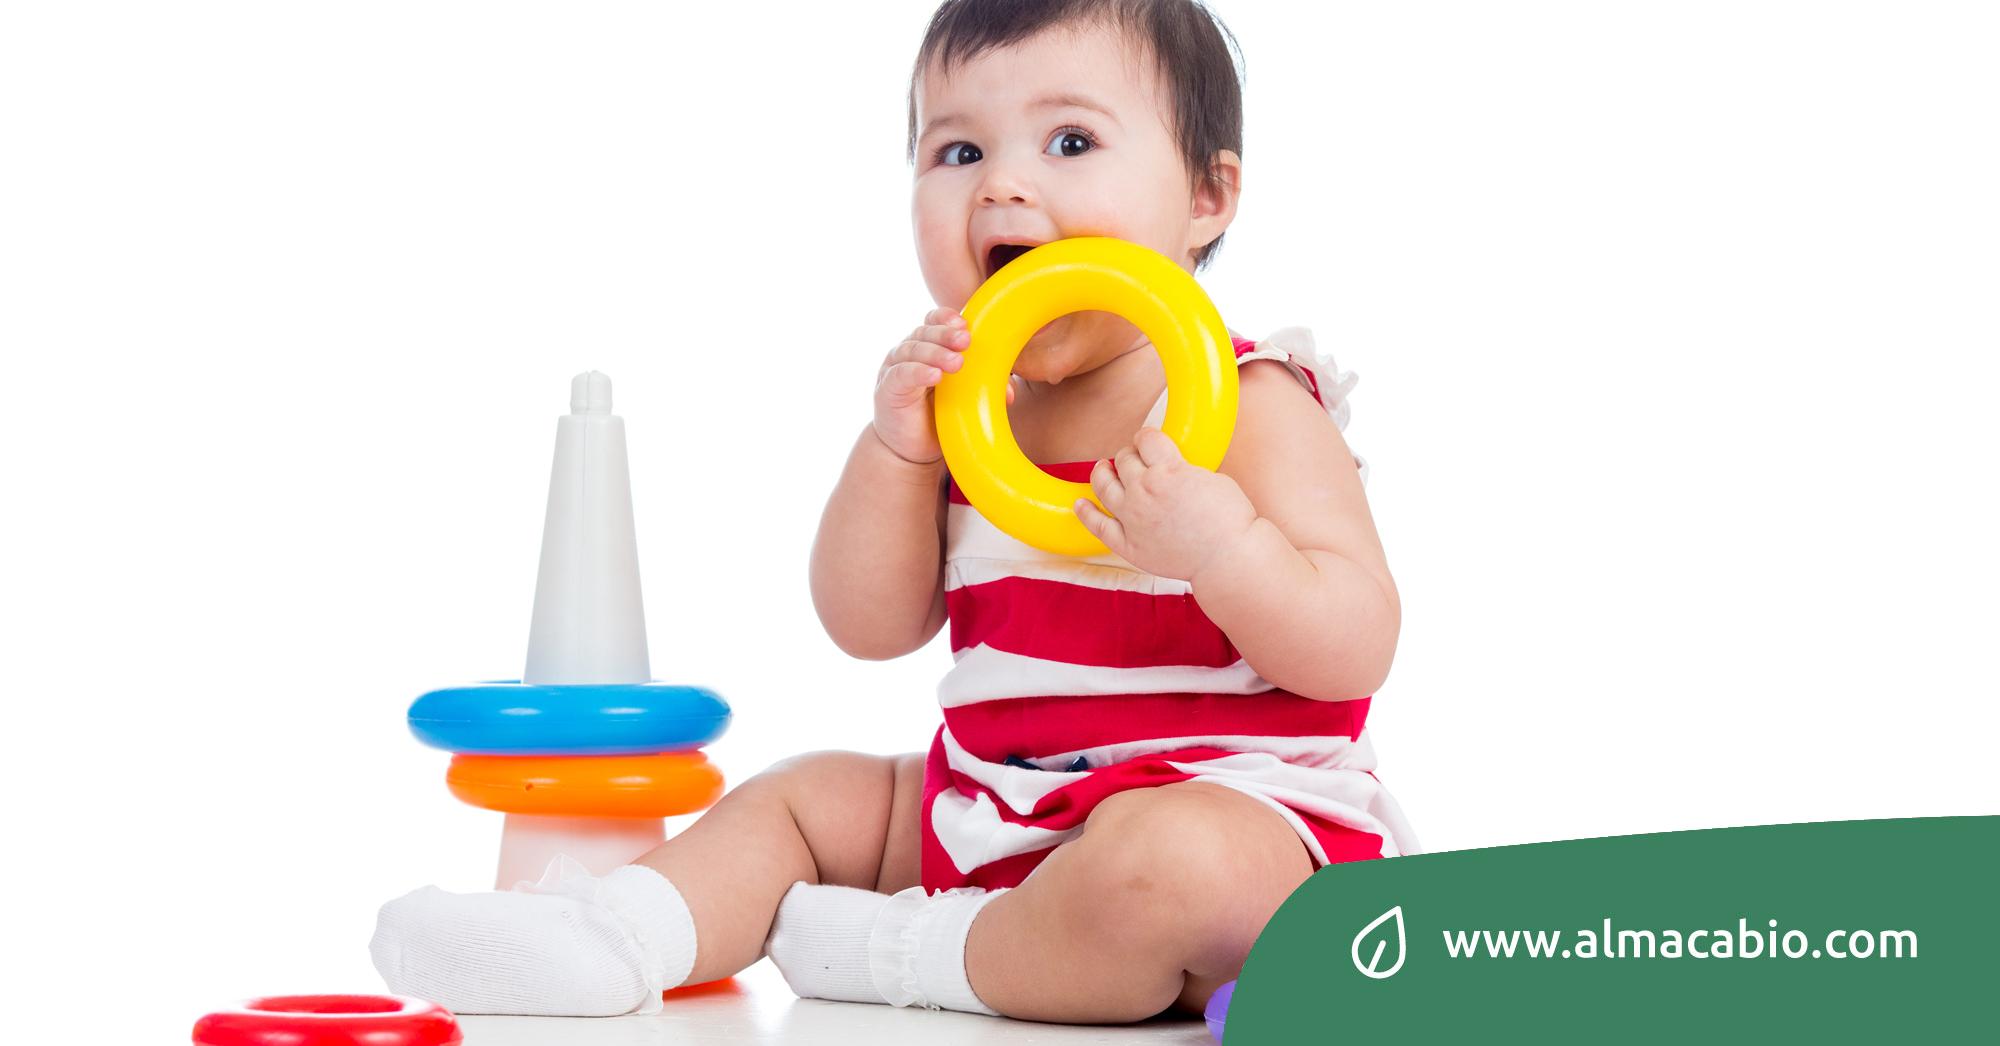 un neonato va accolto in famiglia con dei detergenti adatti alla pelle sensibile